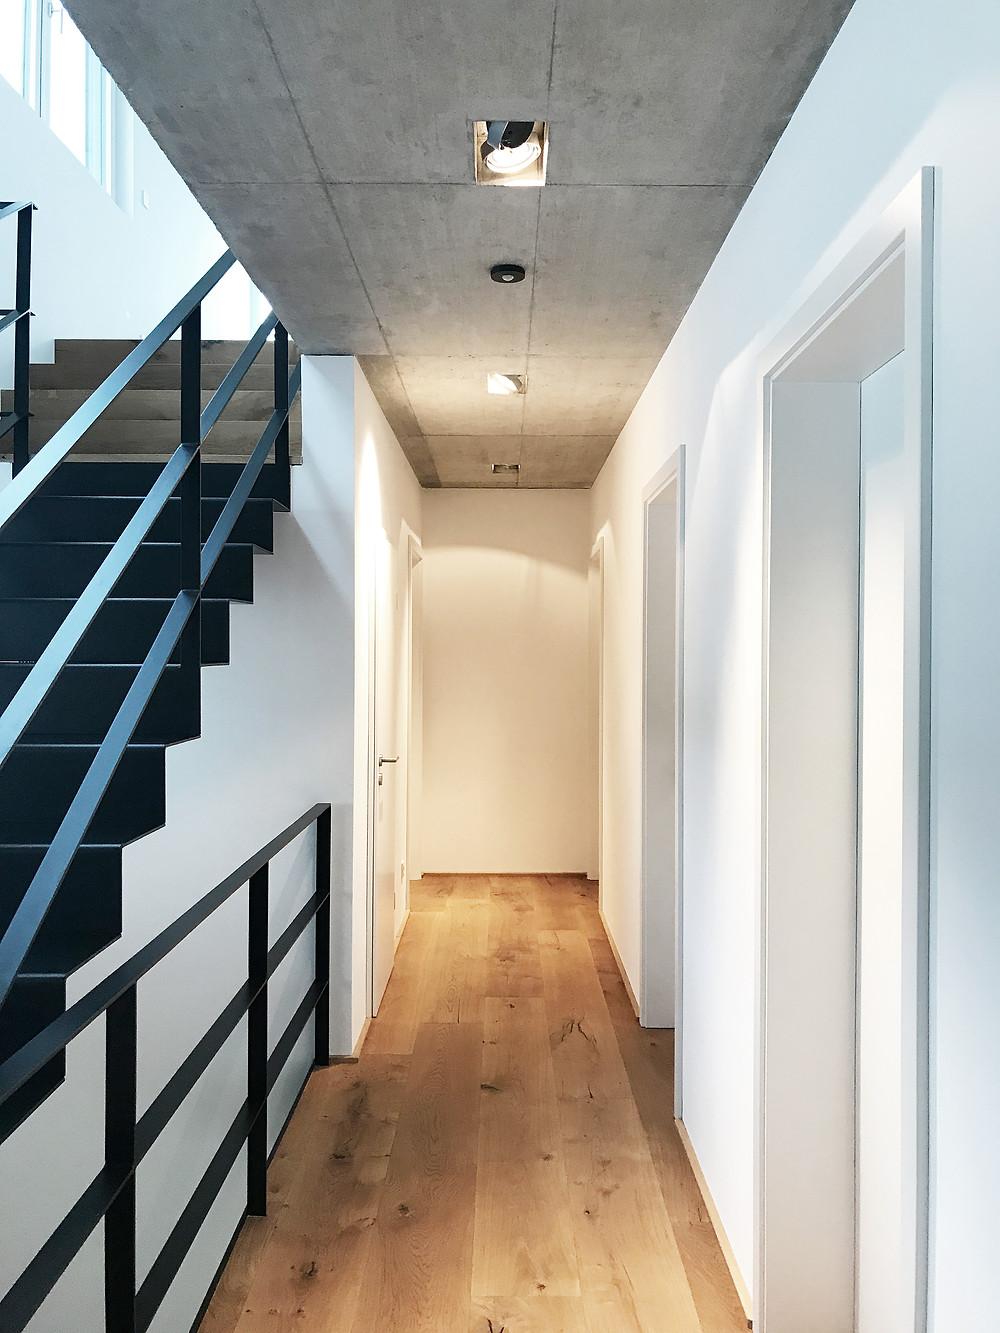 Wohnhaus in Herdecke - Flur OG - kirschnick architektur BDA